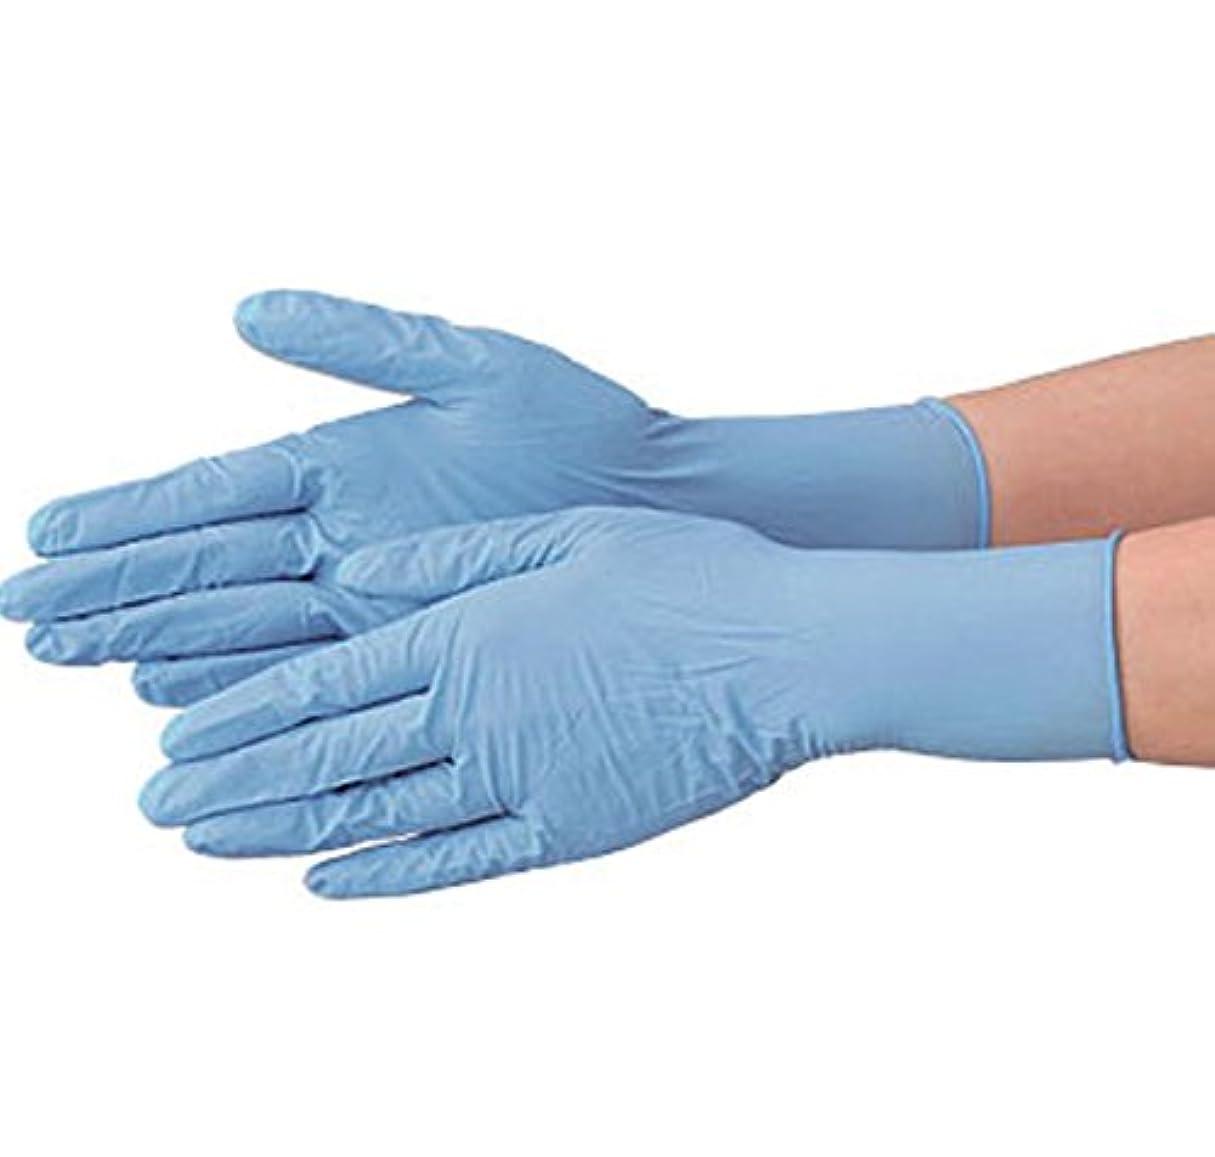 進化見込み起こる使い捨て 手袋 エブノ 575 ニトリルNEOプラス ブルー Mサイズ パウダーフリー 2ケース(100枚×40箱)